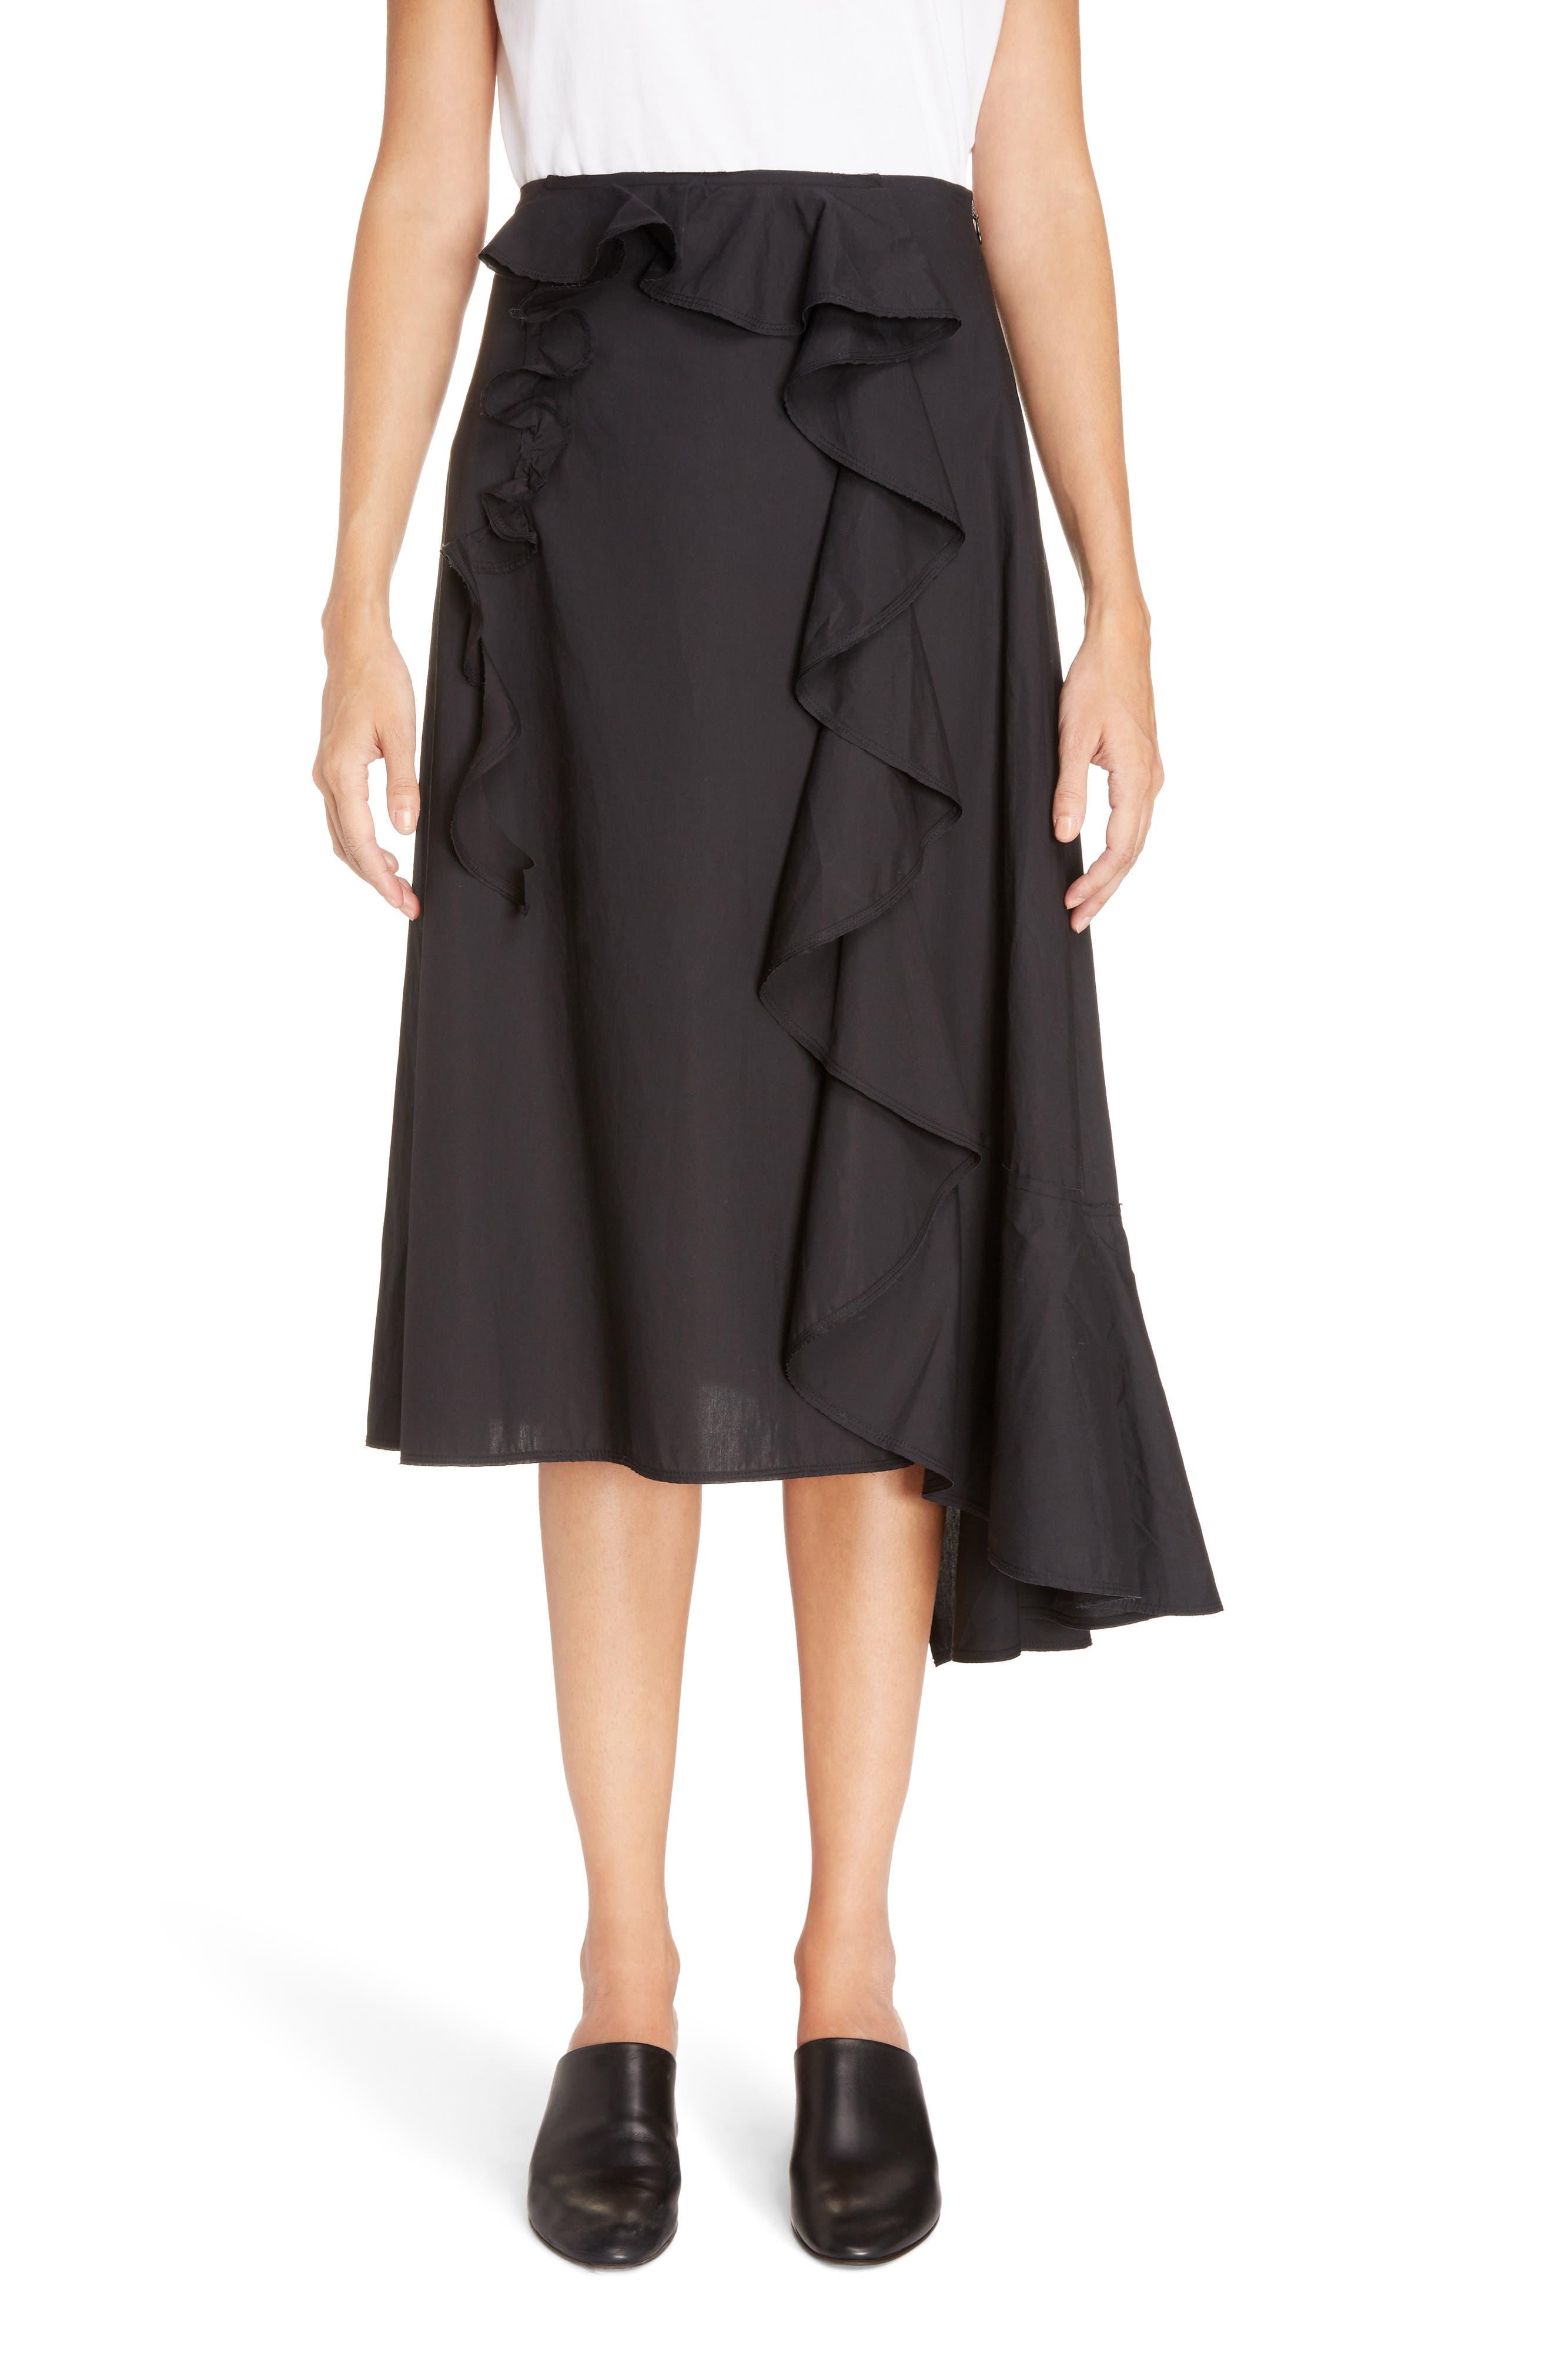 Acne Studios Hamina Ruffle Skirt